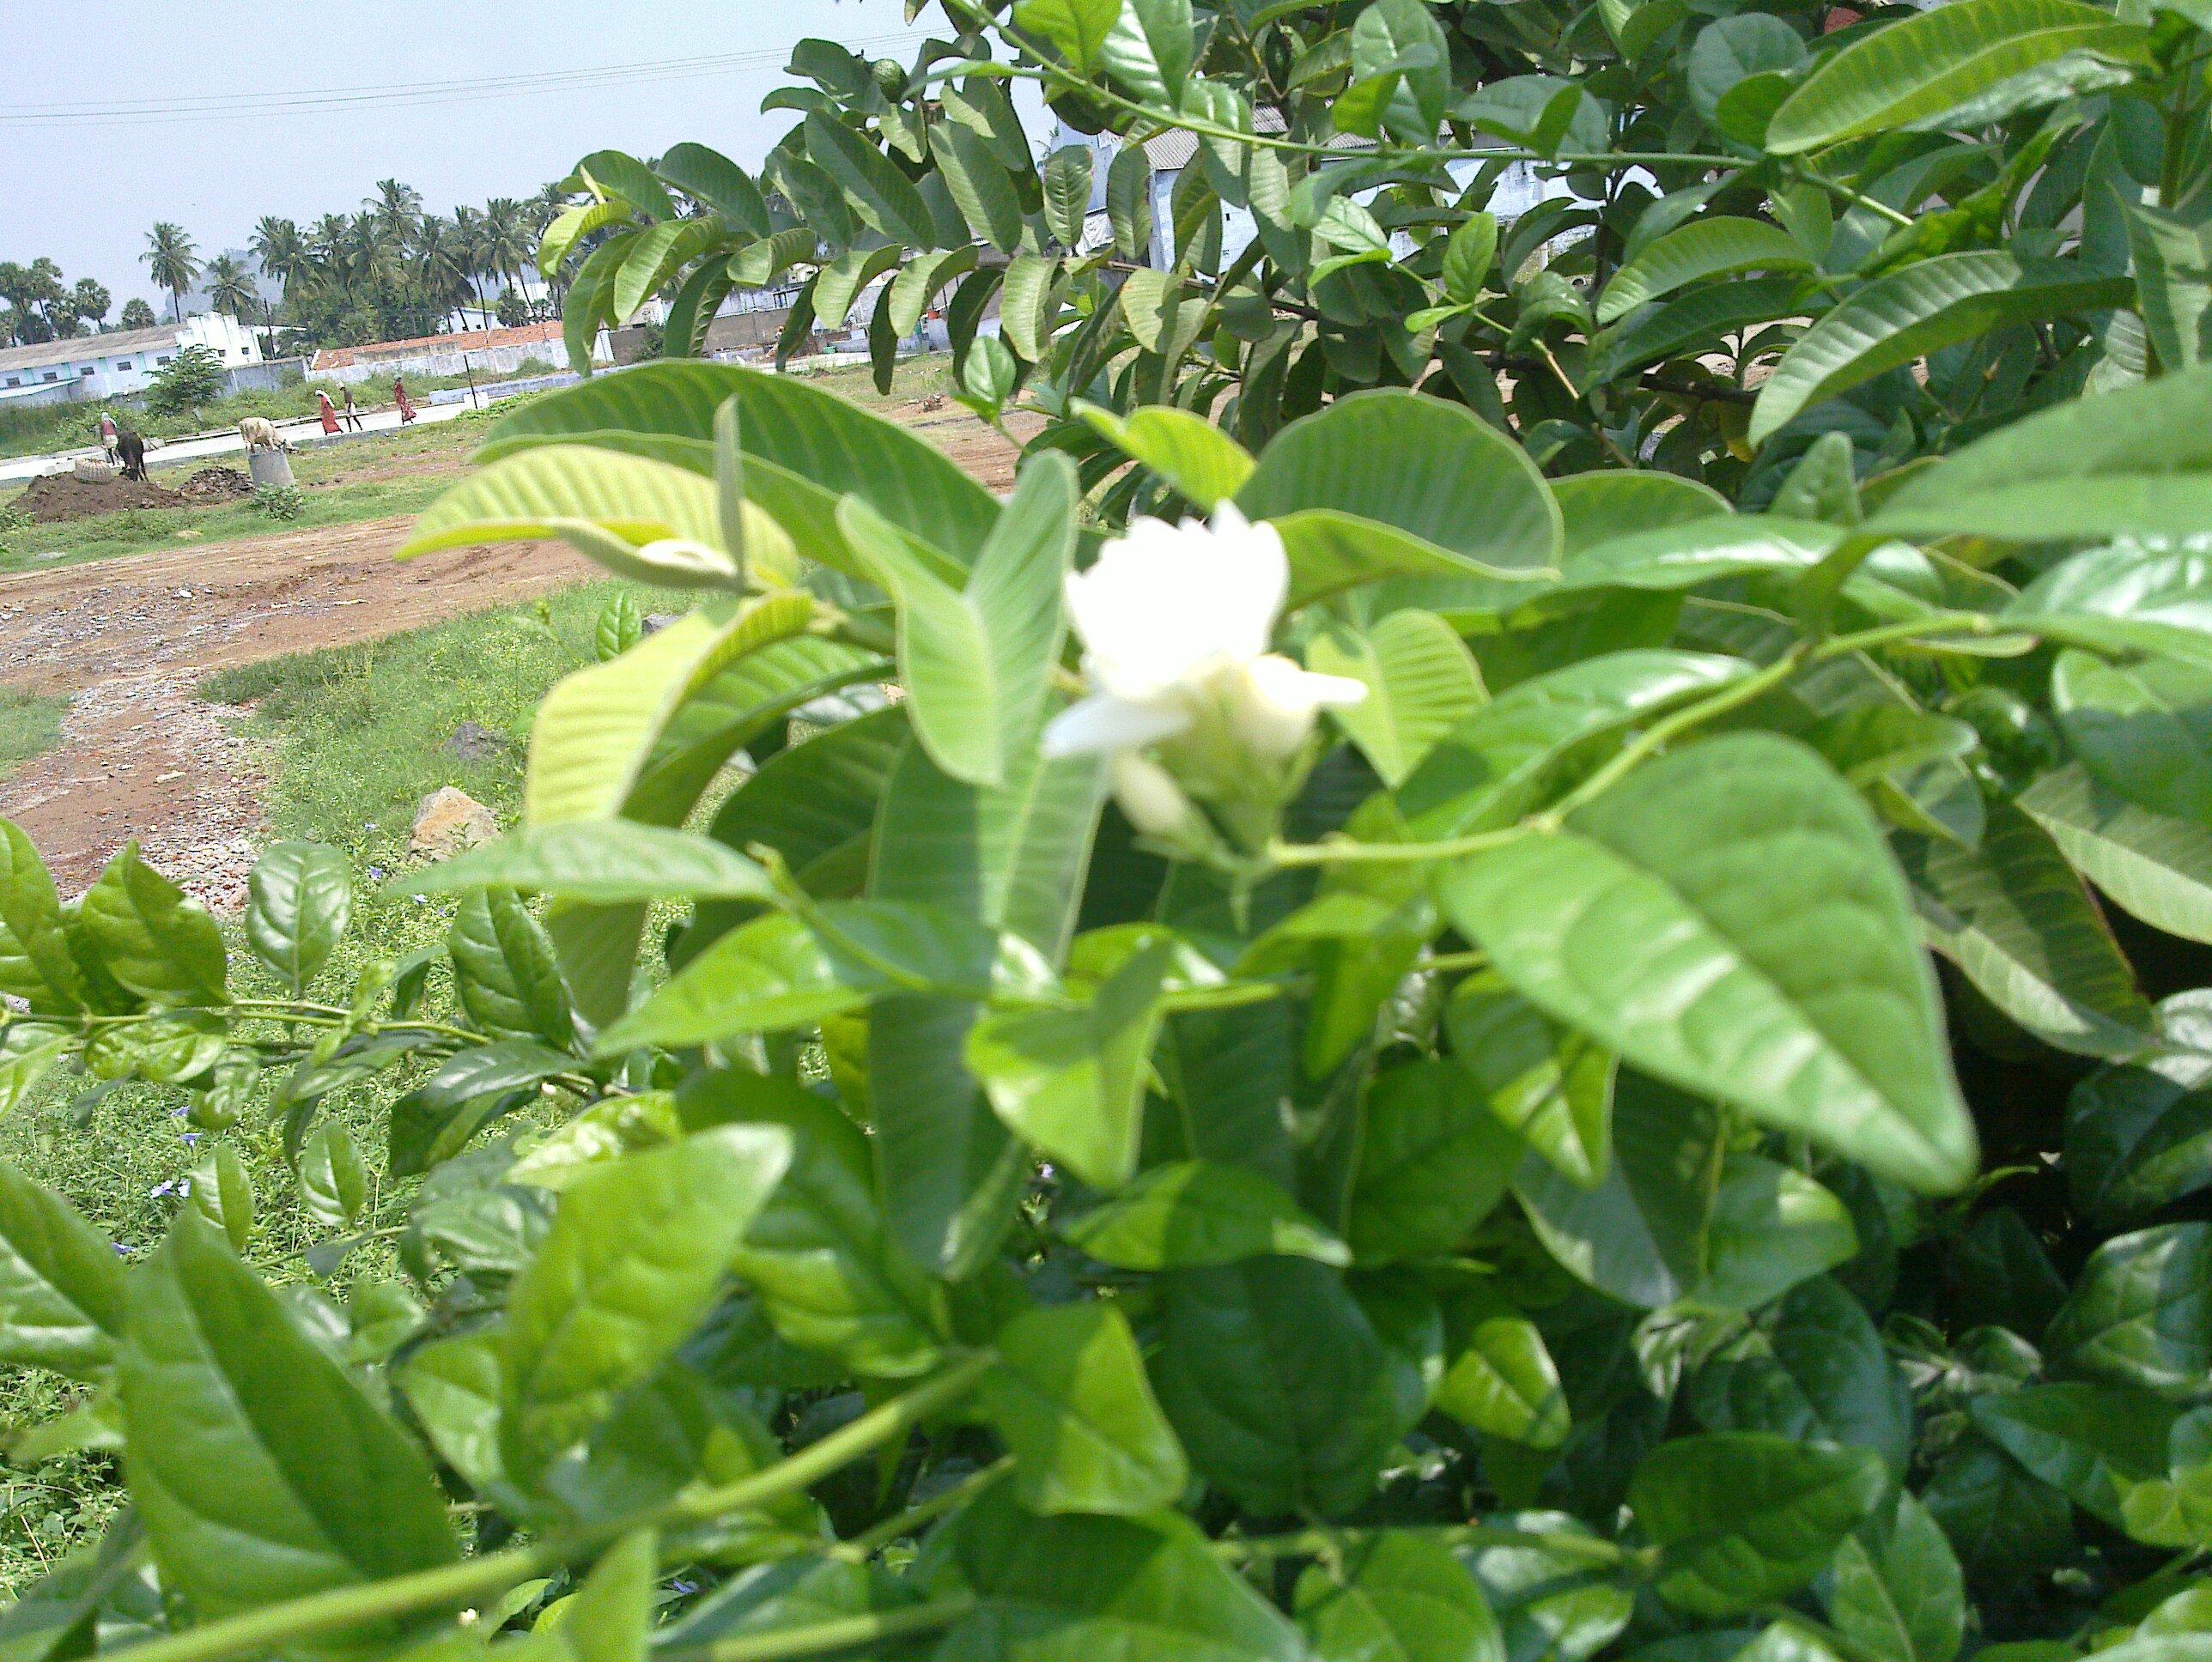 Filejasmine flowerg wikimedia commons filejasmine flowerg izmirmasajfo Gallery